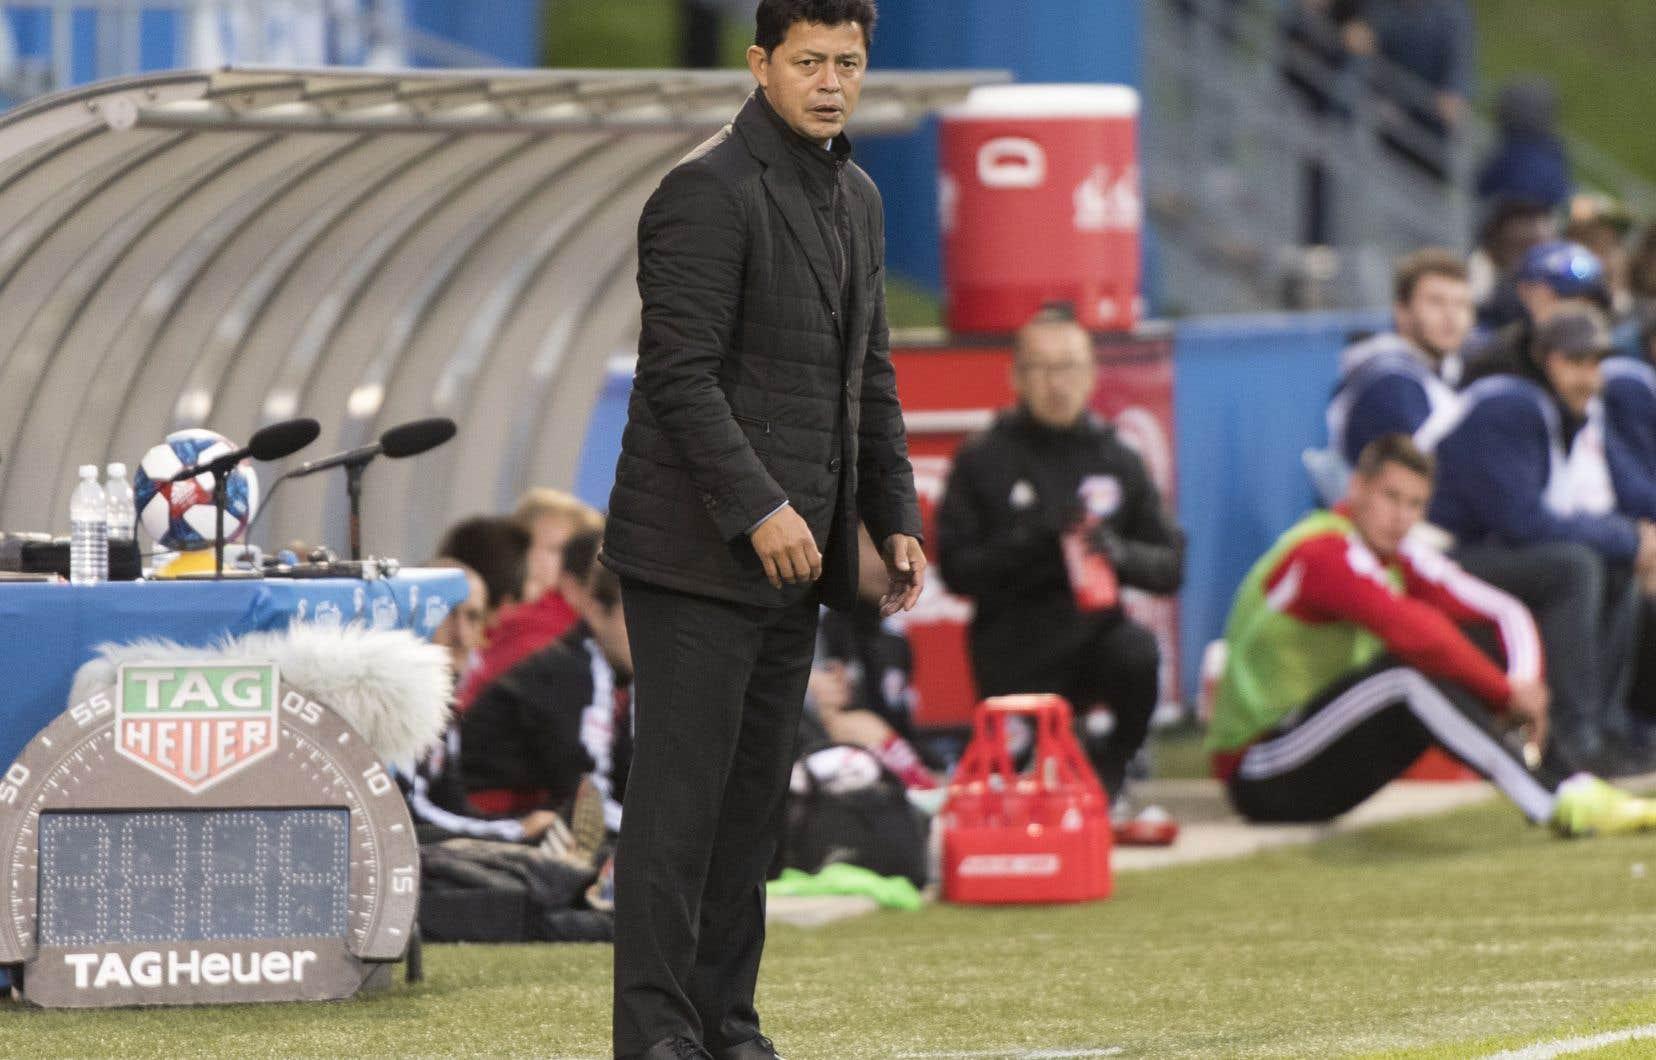 Le Colombien Wilmer Cabrera a maintenu un dossier de deux victoires, quatre défaites et un verdict nul en sept matchs de saison ordinaire.